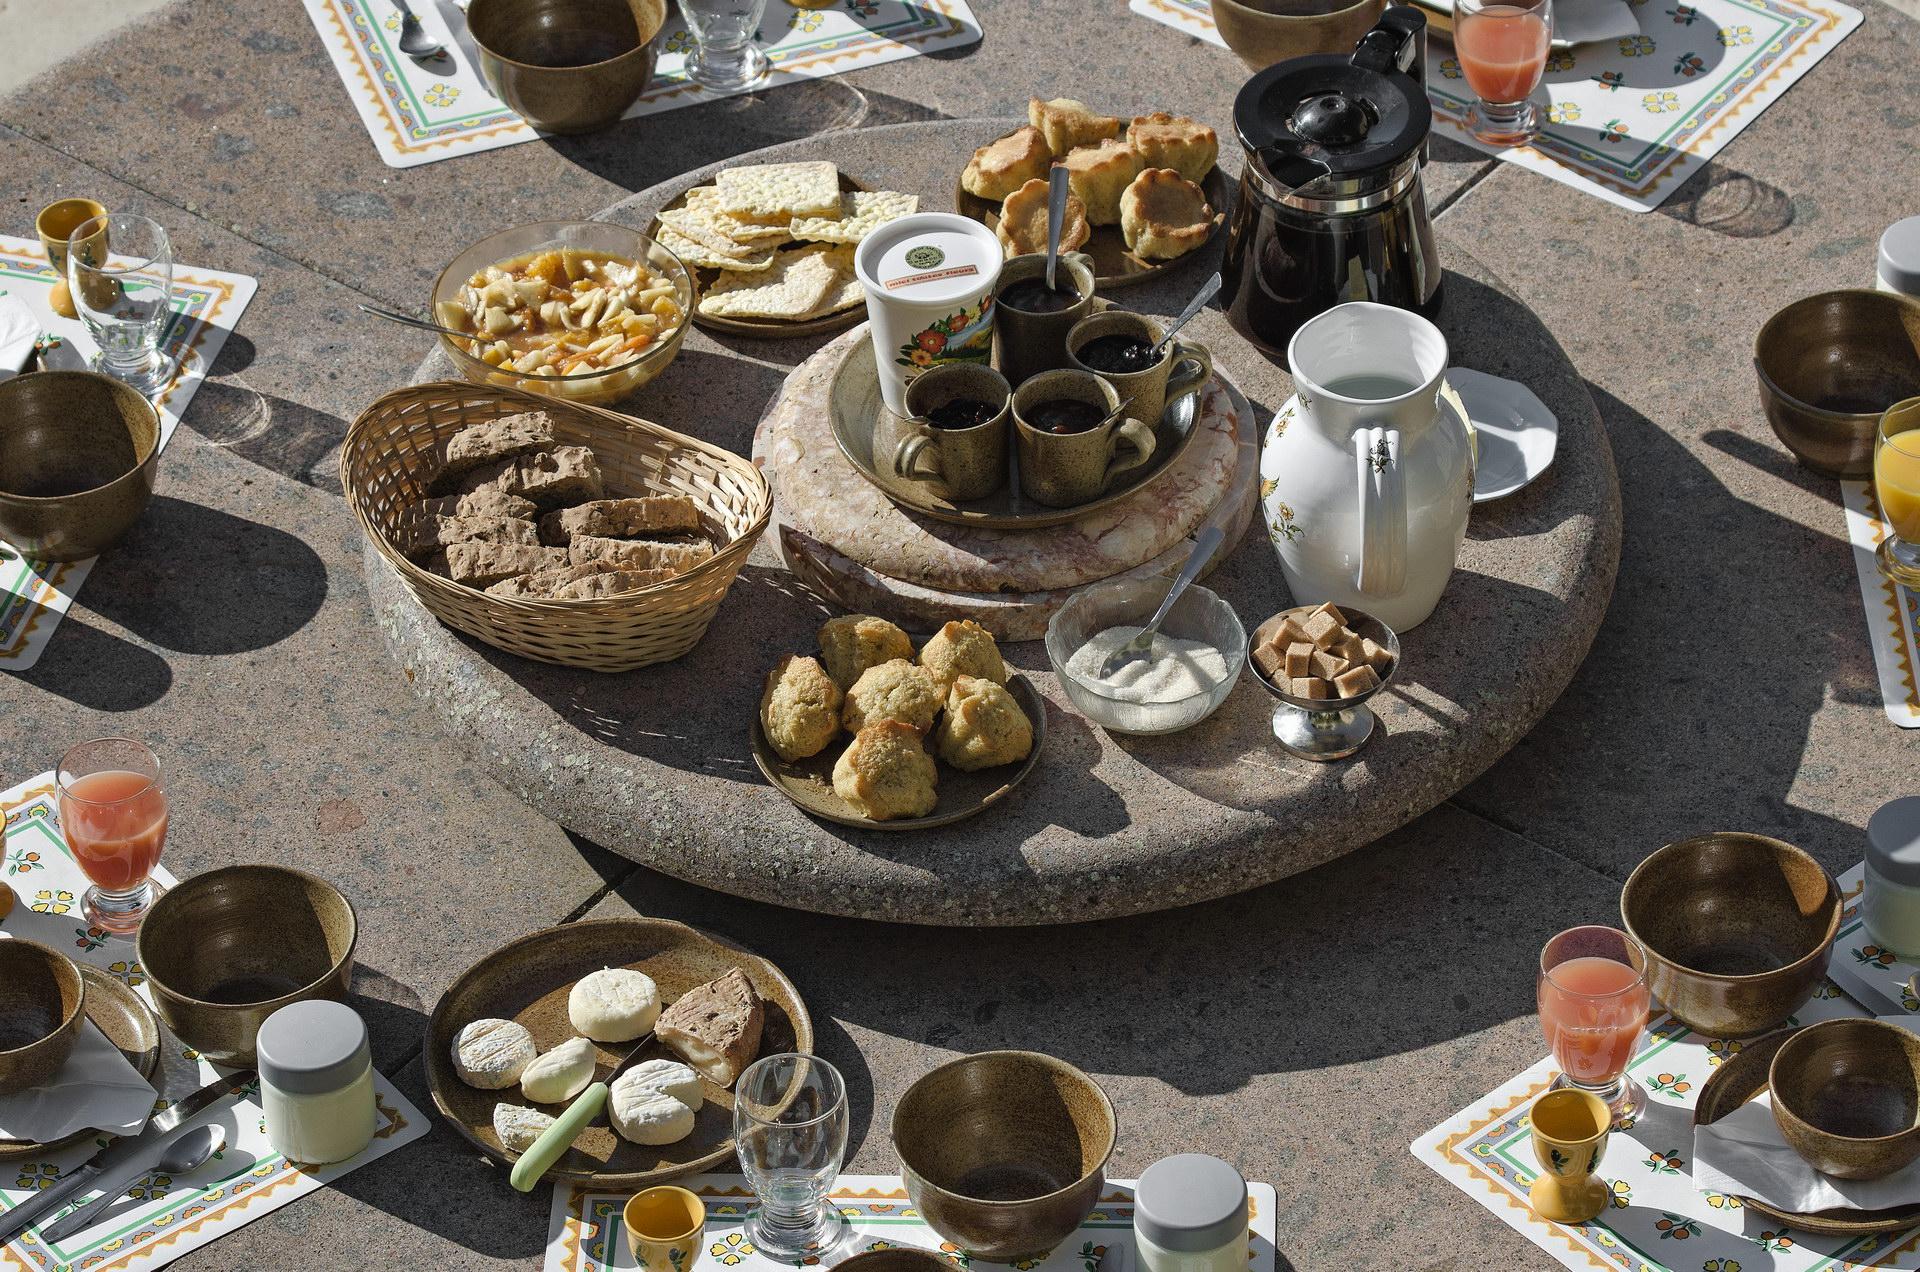 Fontaine Neuve gites et chambres d'hôtes à Lure : le buffet du petit-déjeuner